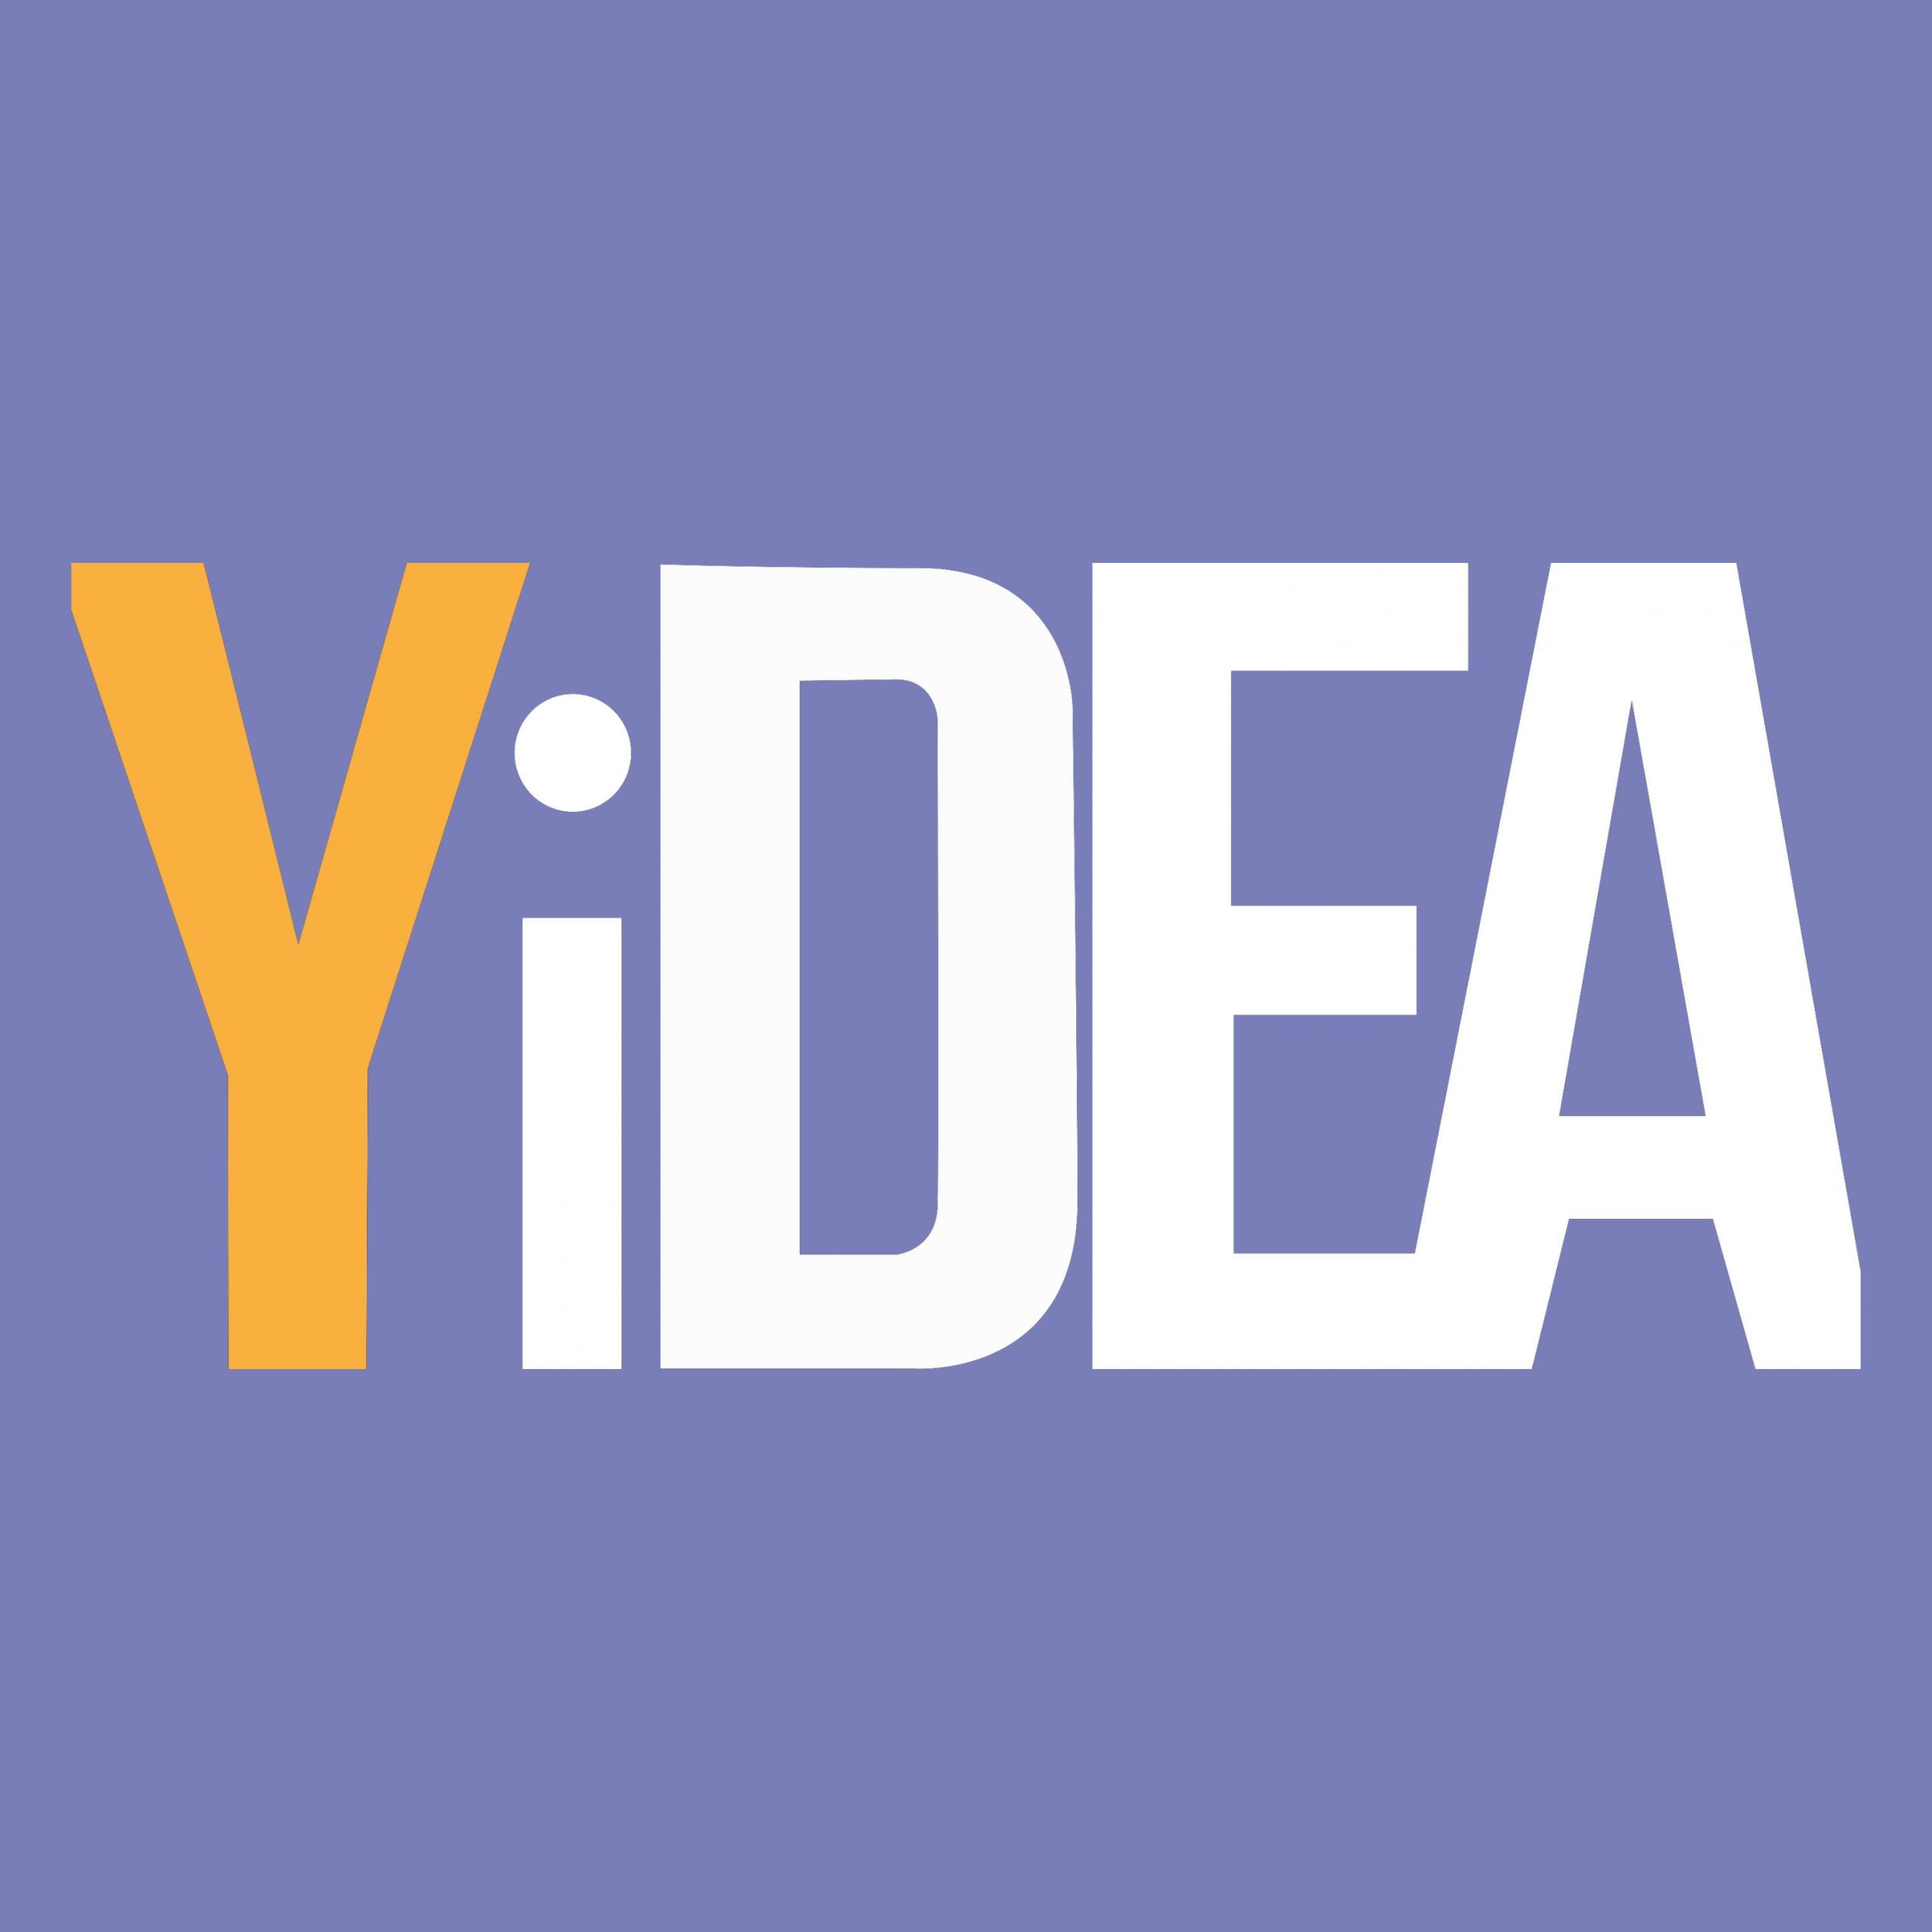 YOUNG-IDEA